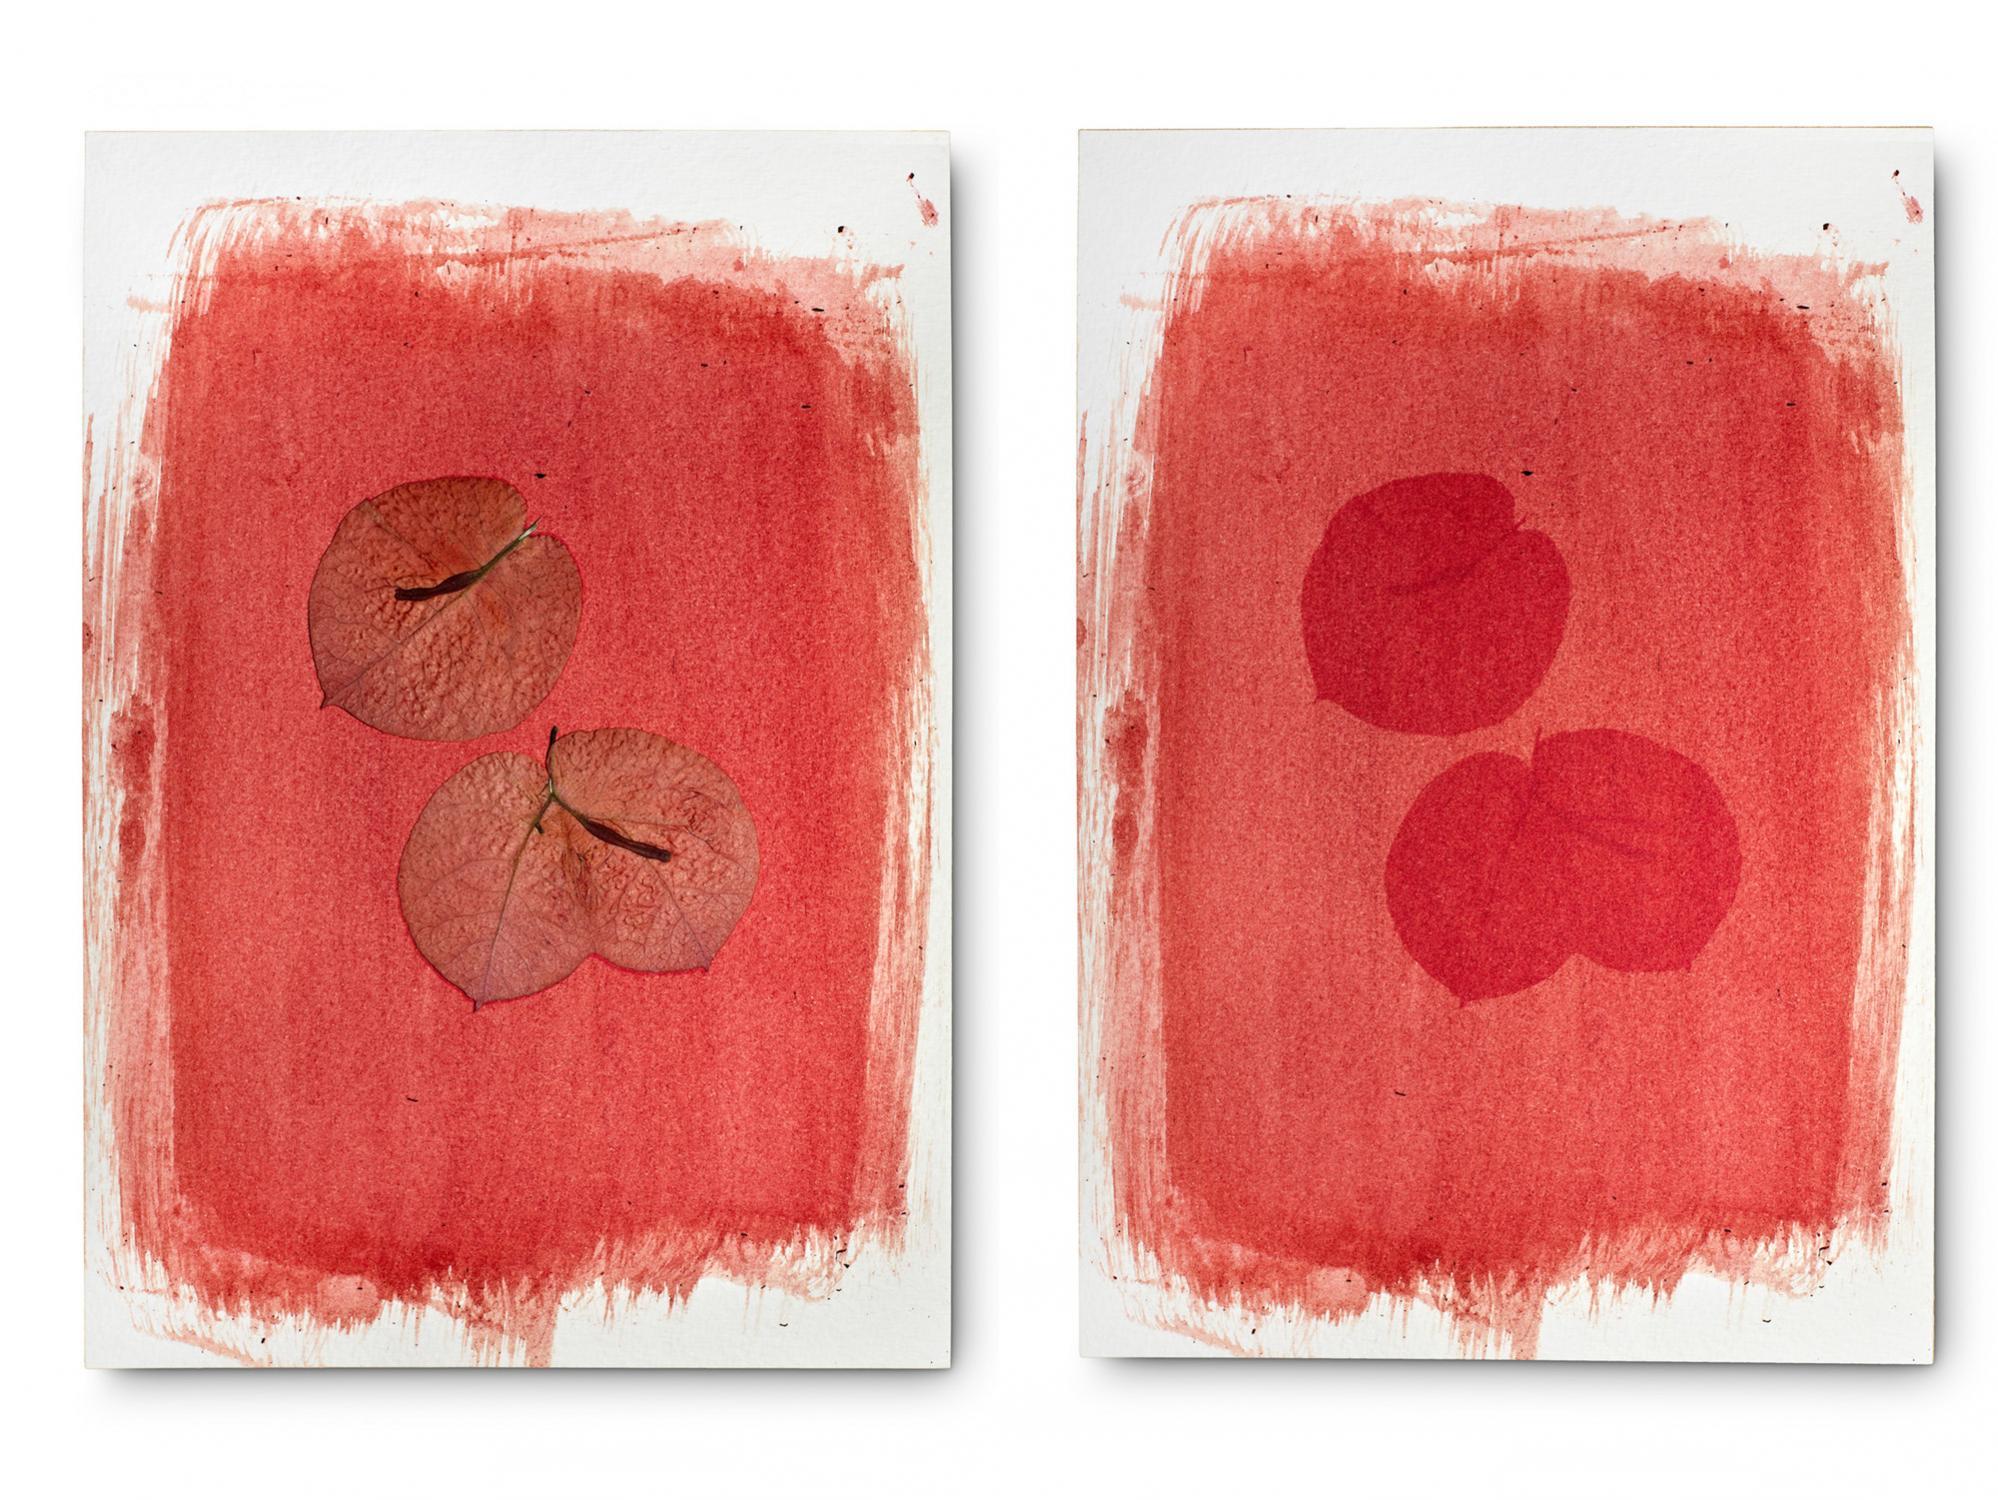 Buganvillas o Santa Rita roja en su propio tinte. 5 días de exposición. Recolectadas y expuestas en el mismo día. Alivia dolencias de la garganta y vías respiratorias.